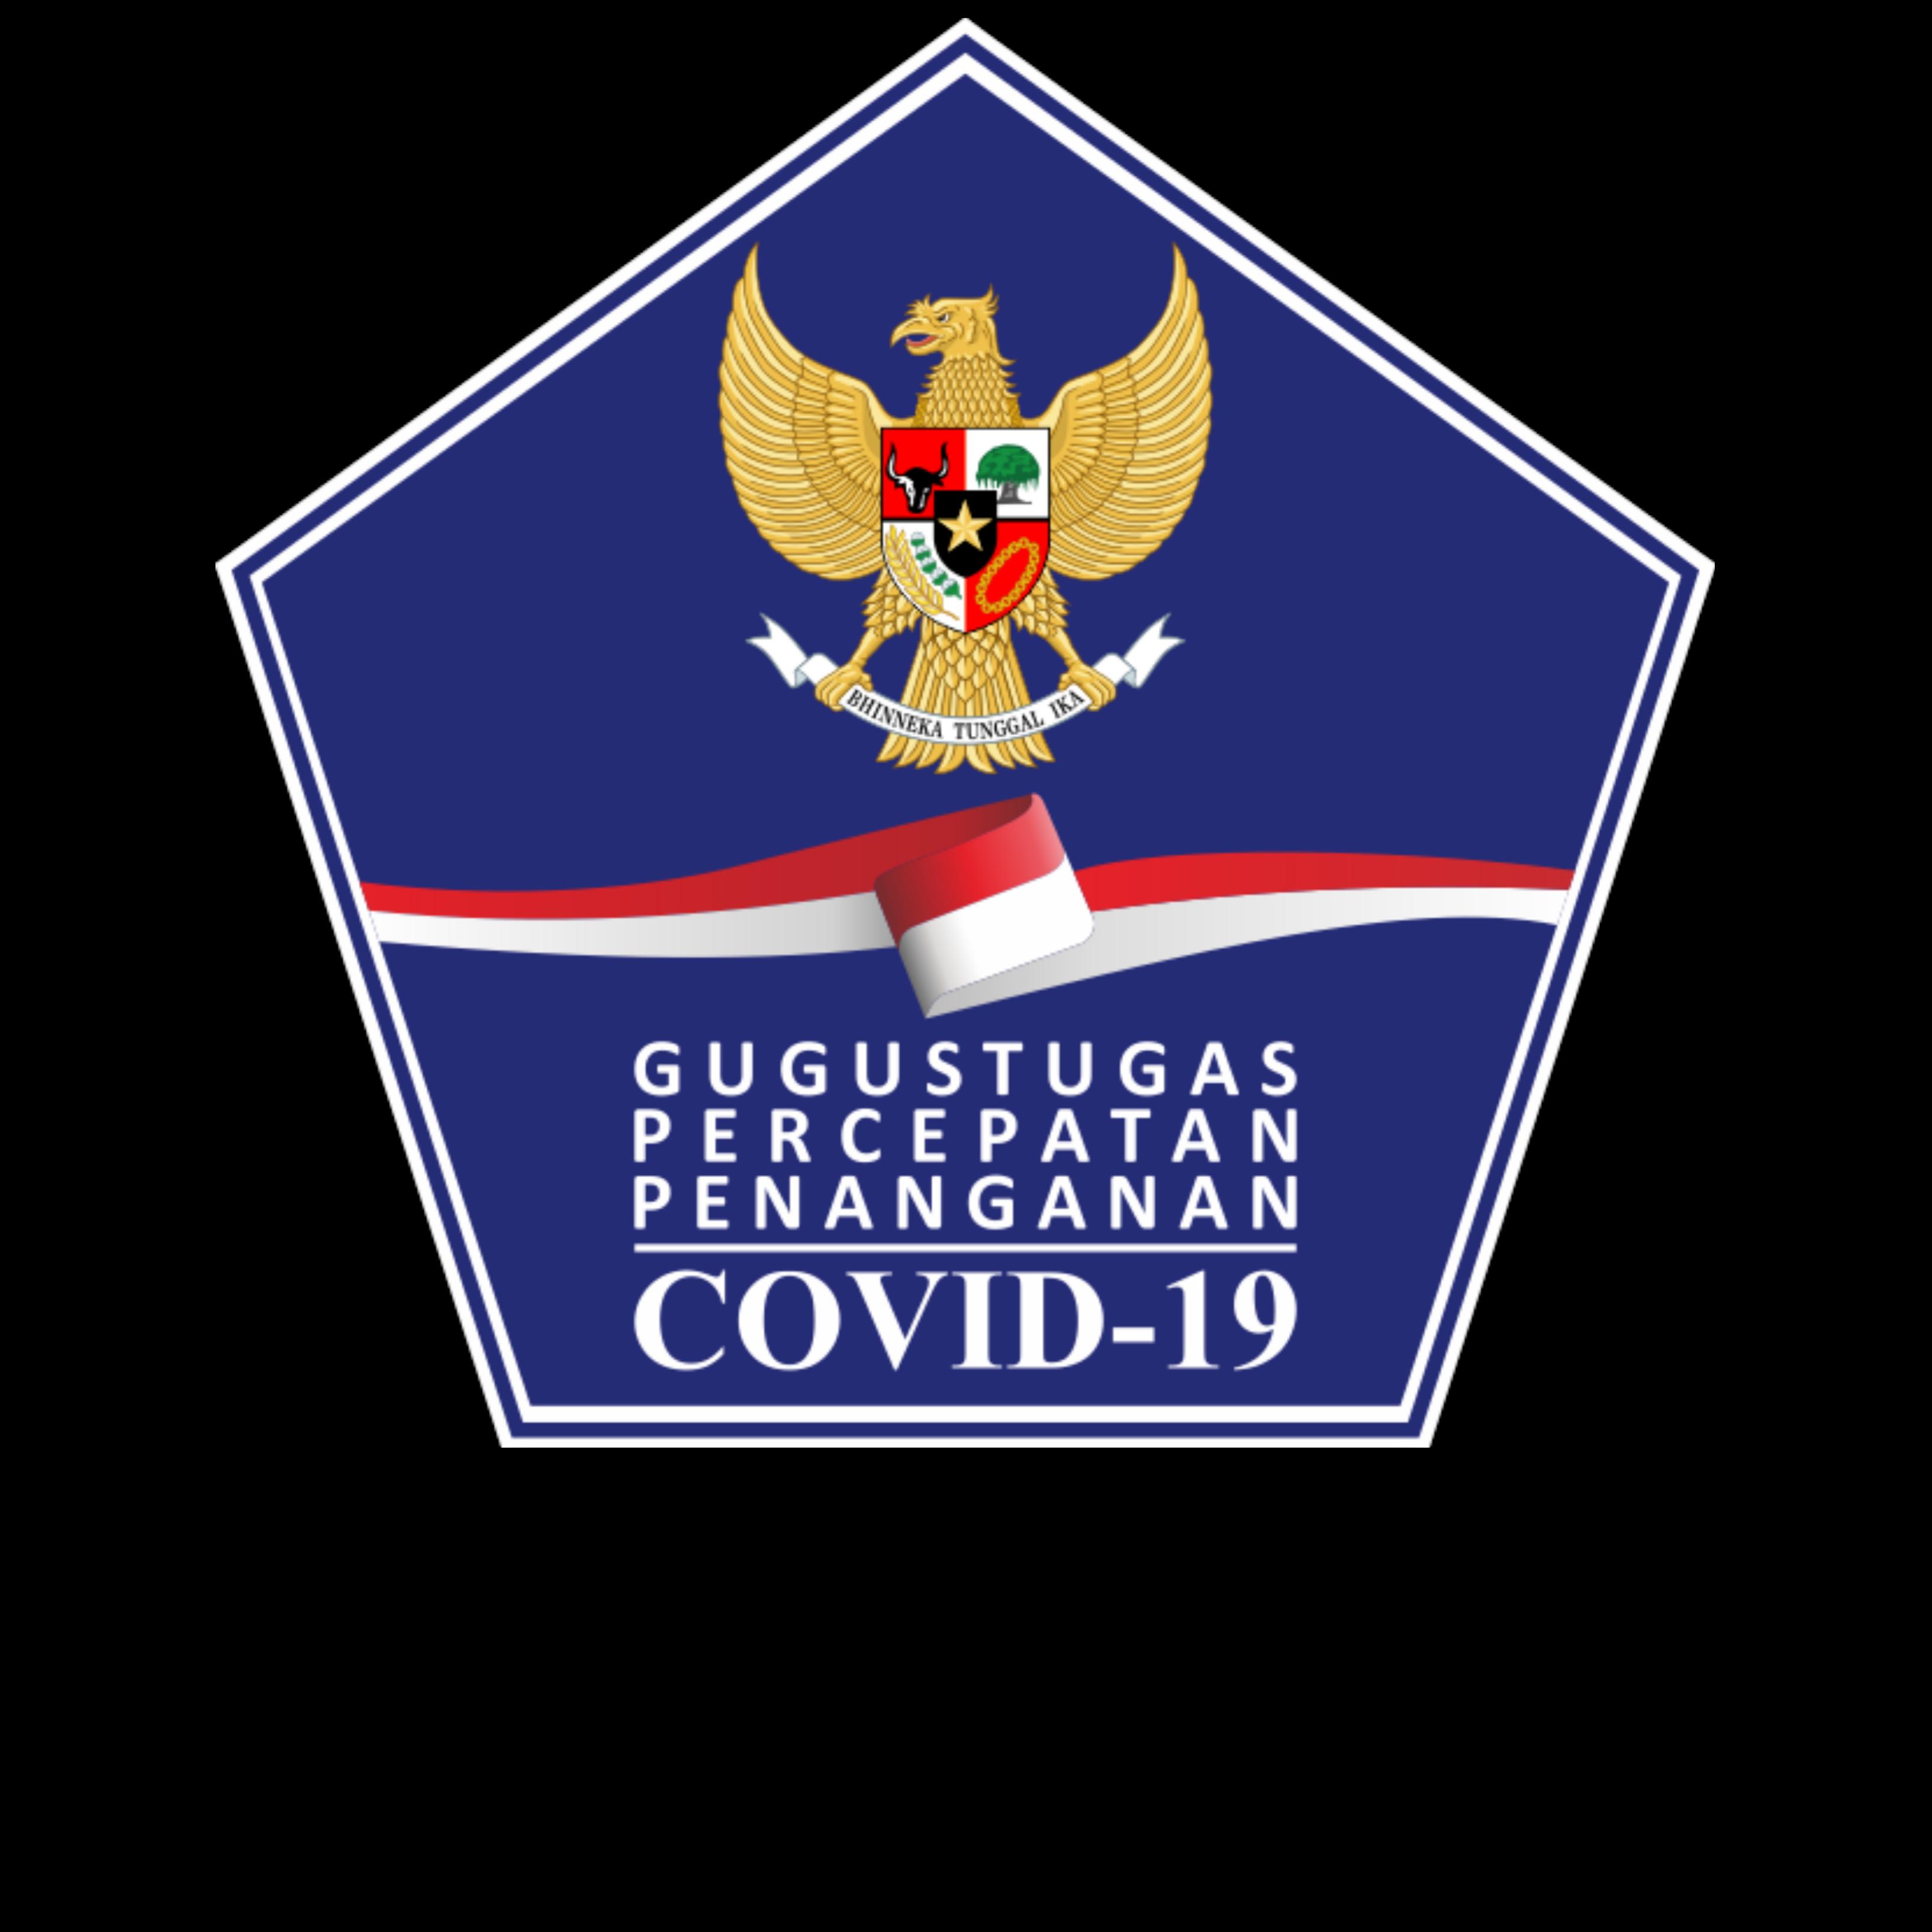 Gugus Tugas Percepatan Penanganan Covid-19